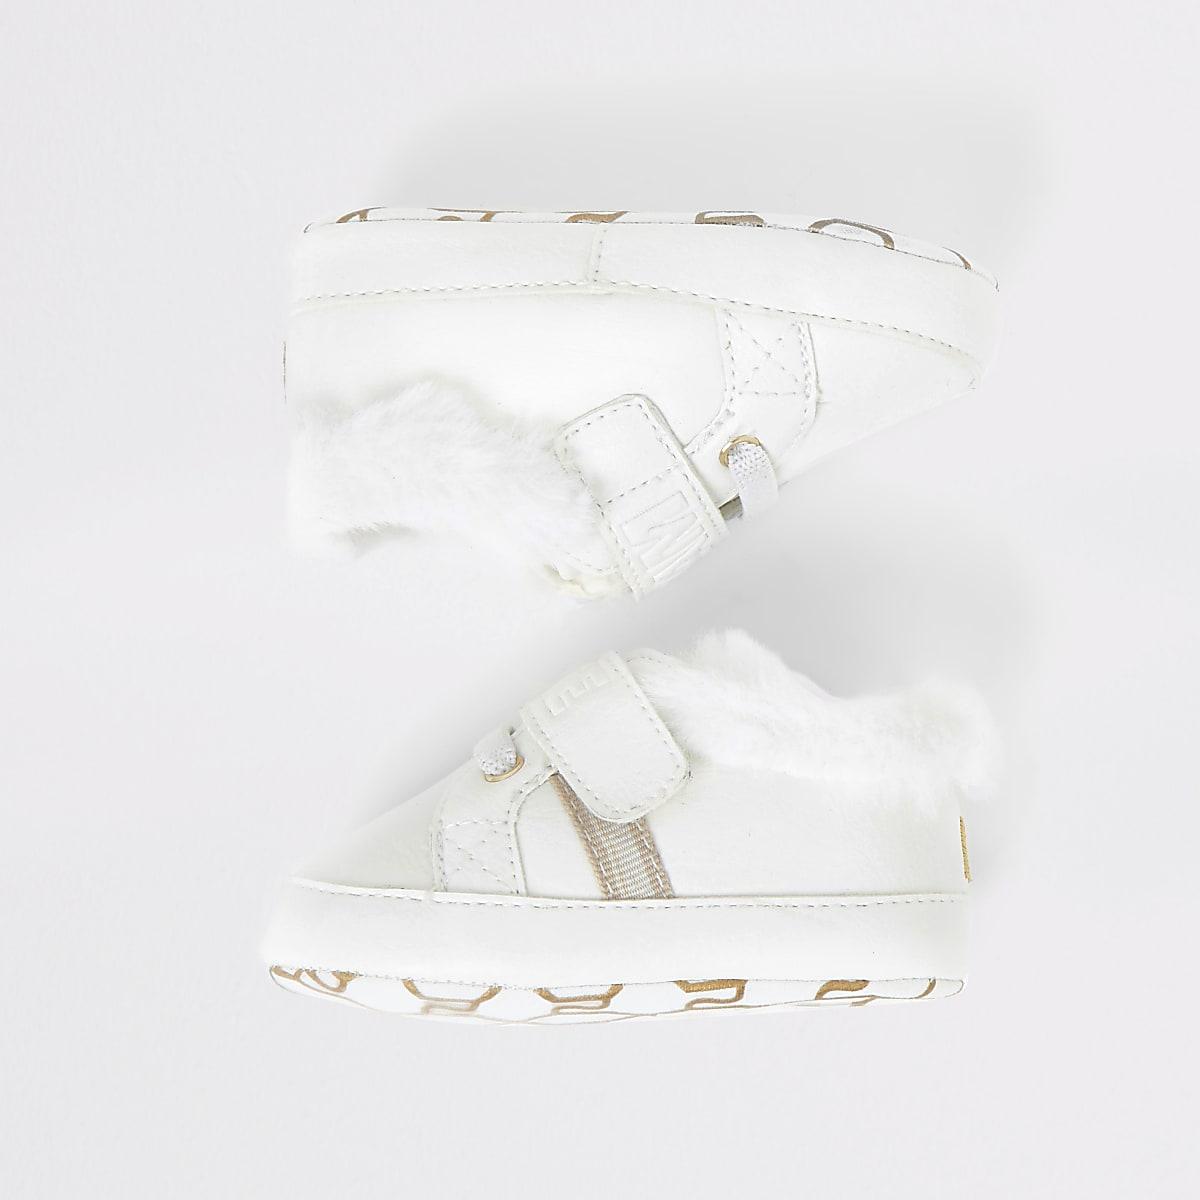 Witte sneakersvan 'Team cute' met reliëf  voor baby's